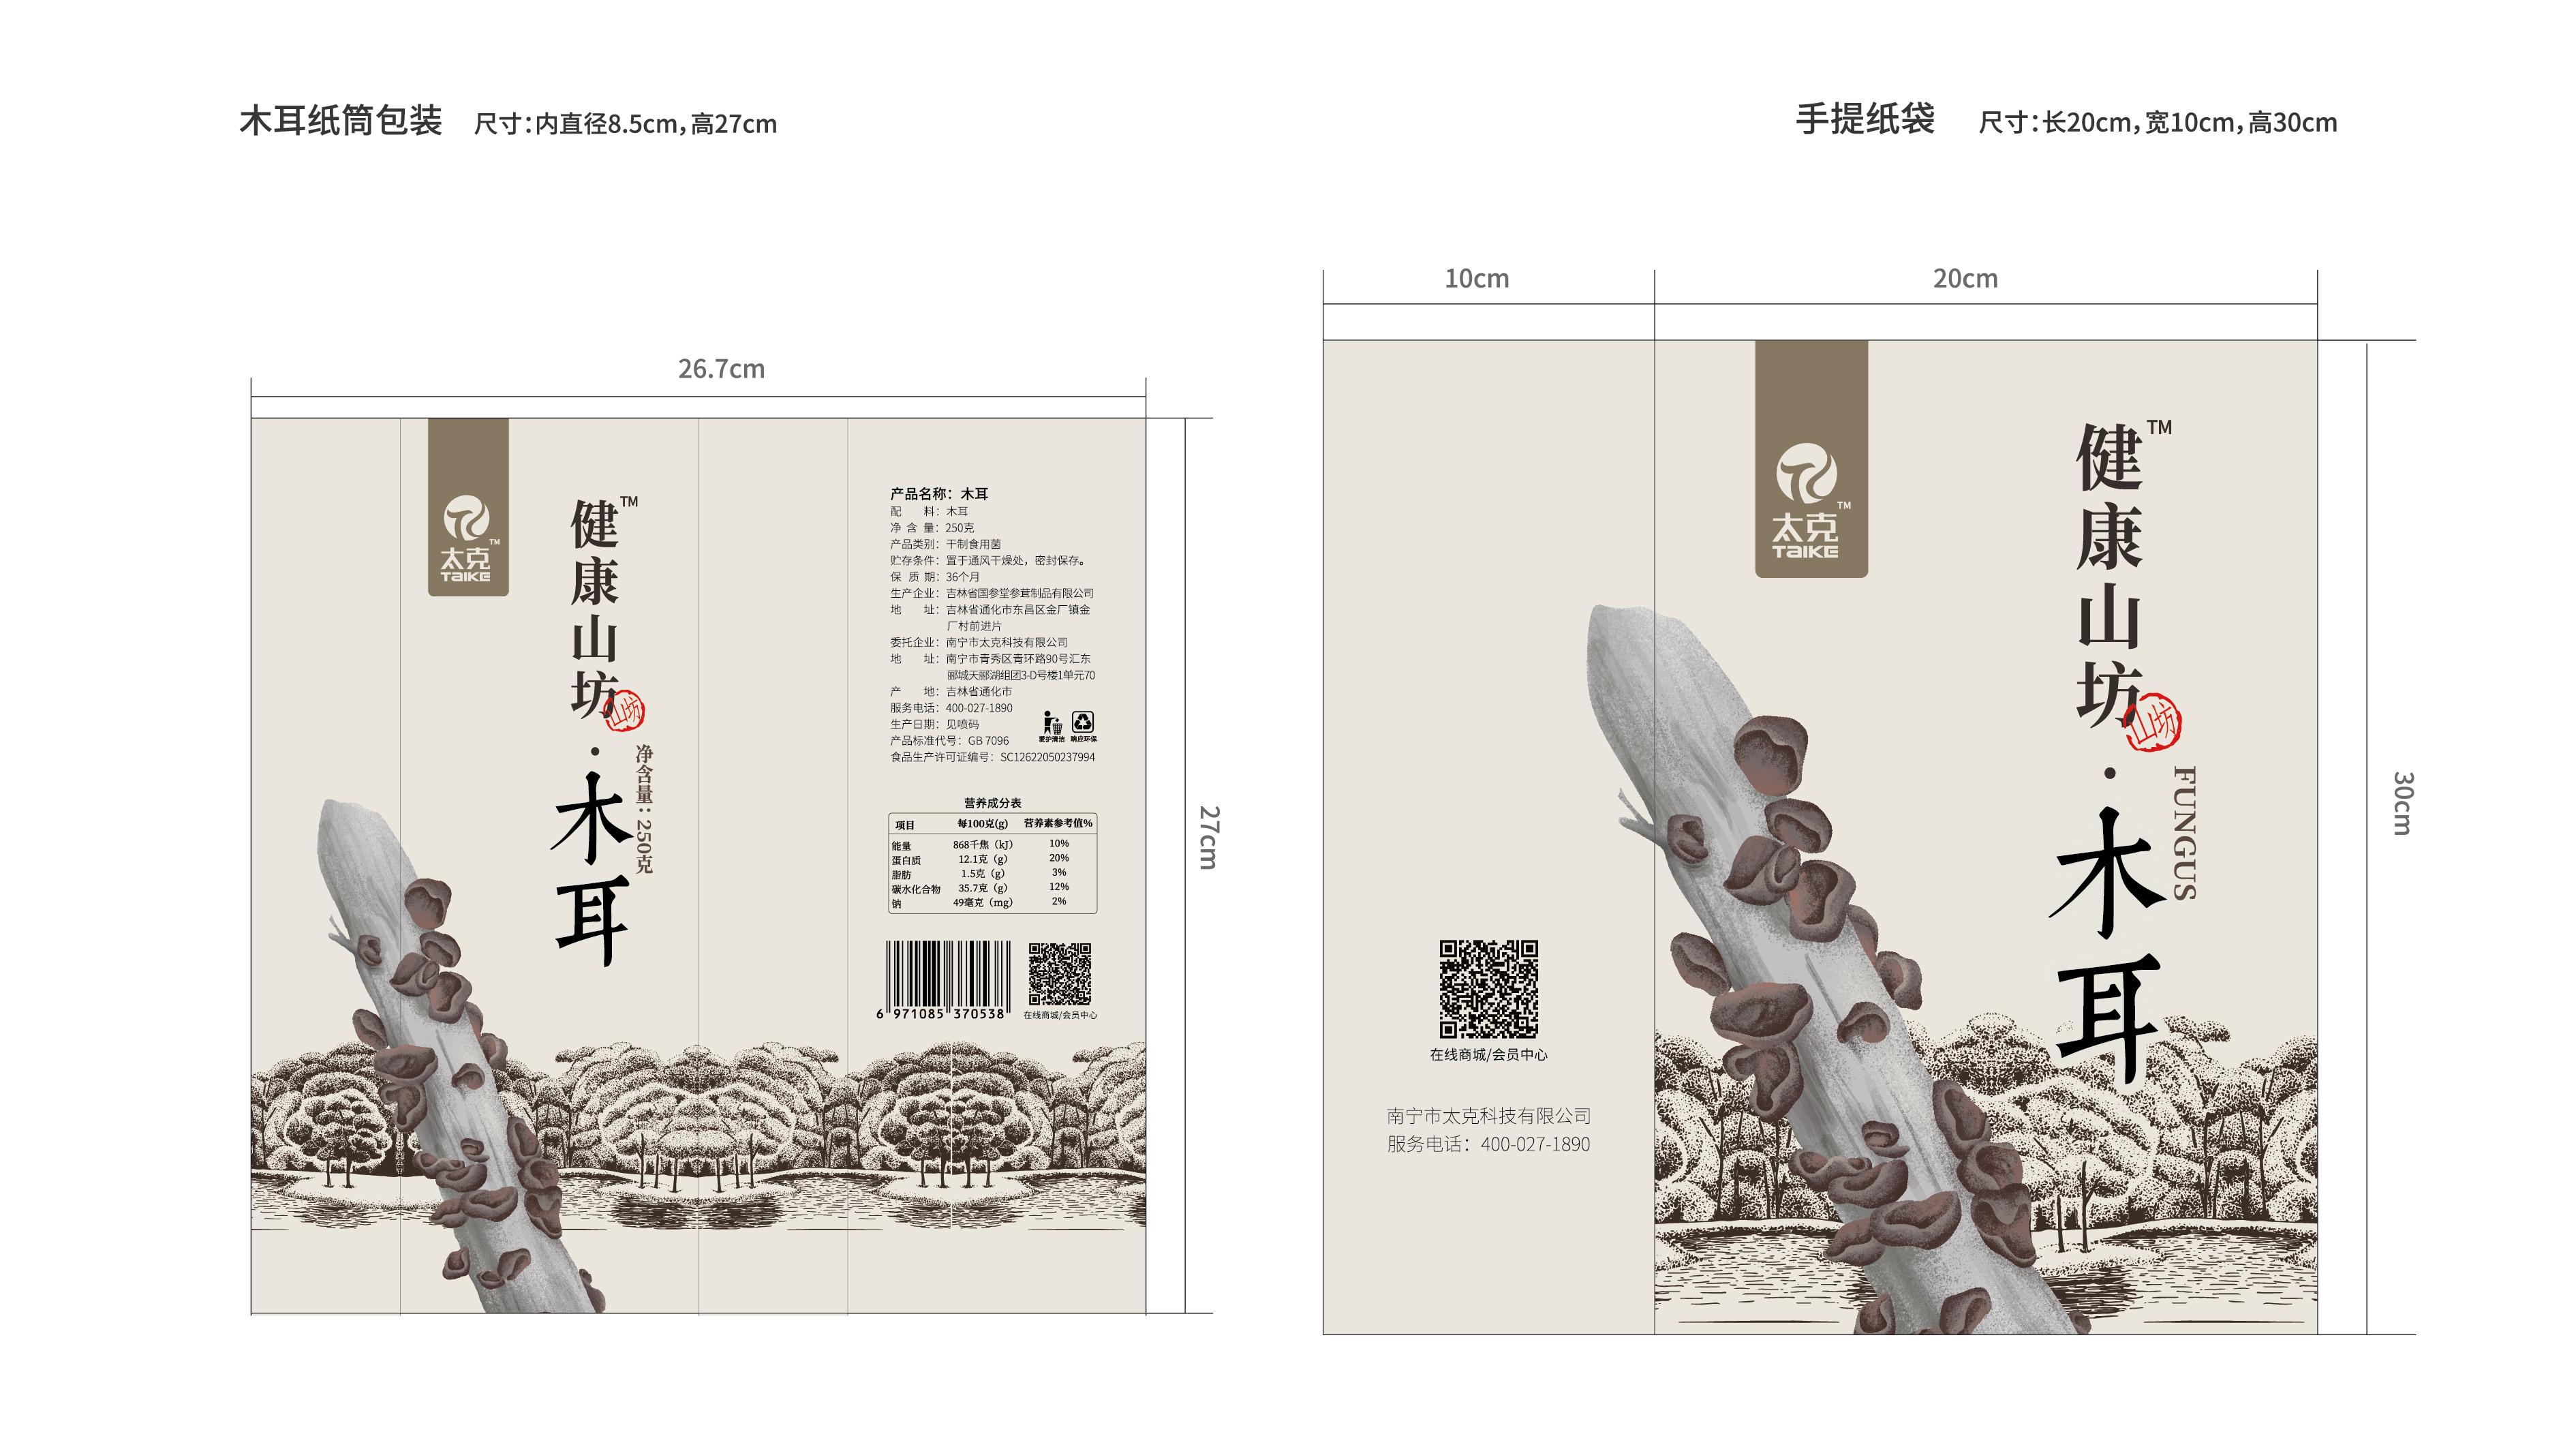 太克食品品牌包装设计